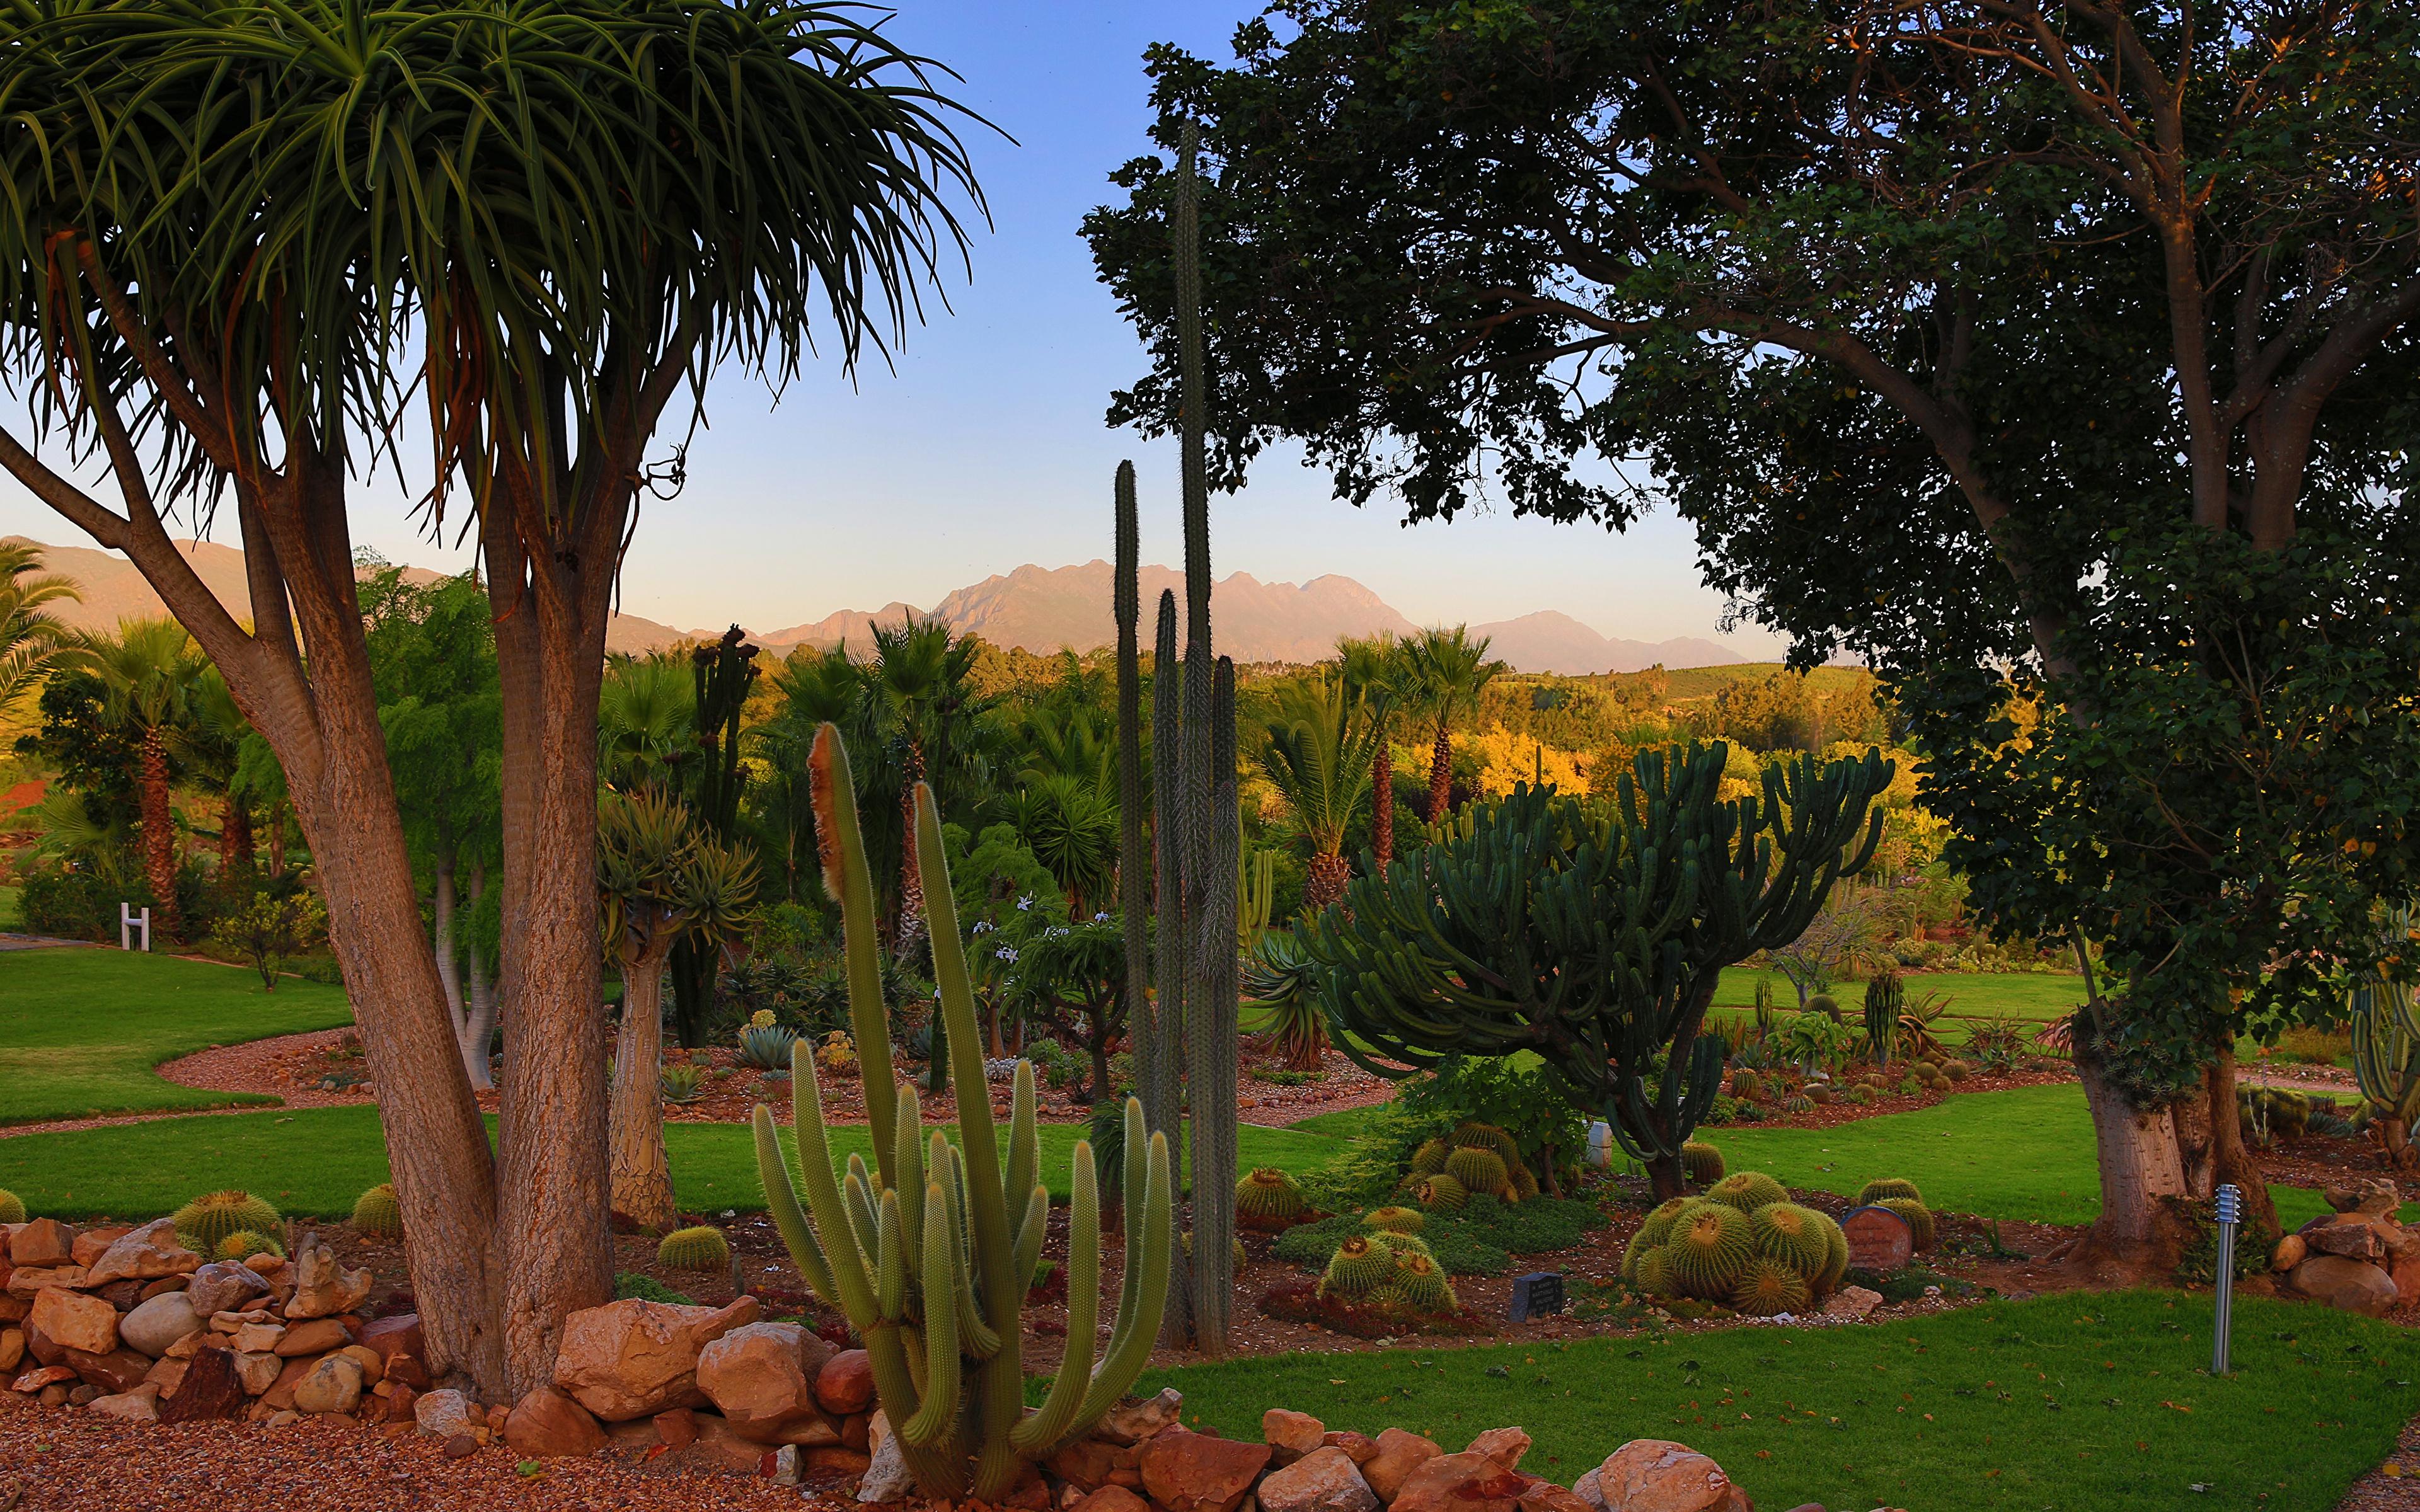 Картинки Африка Южно-Африканская Республика Природа Парки Кактусы дерева 3840x2400 ЮАР дерево Деревья деревьев